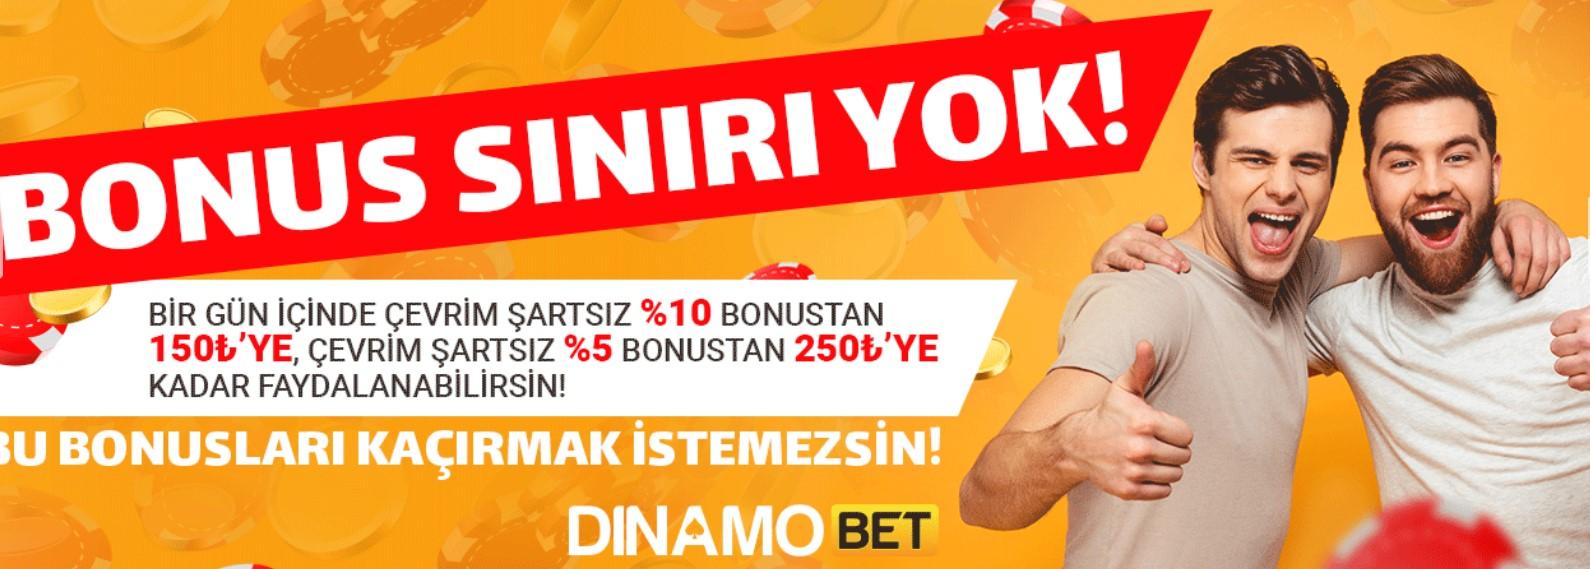 Dinamobet Bahis İnceleme, Giriş ve Dinamobet Müşteri Anketi